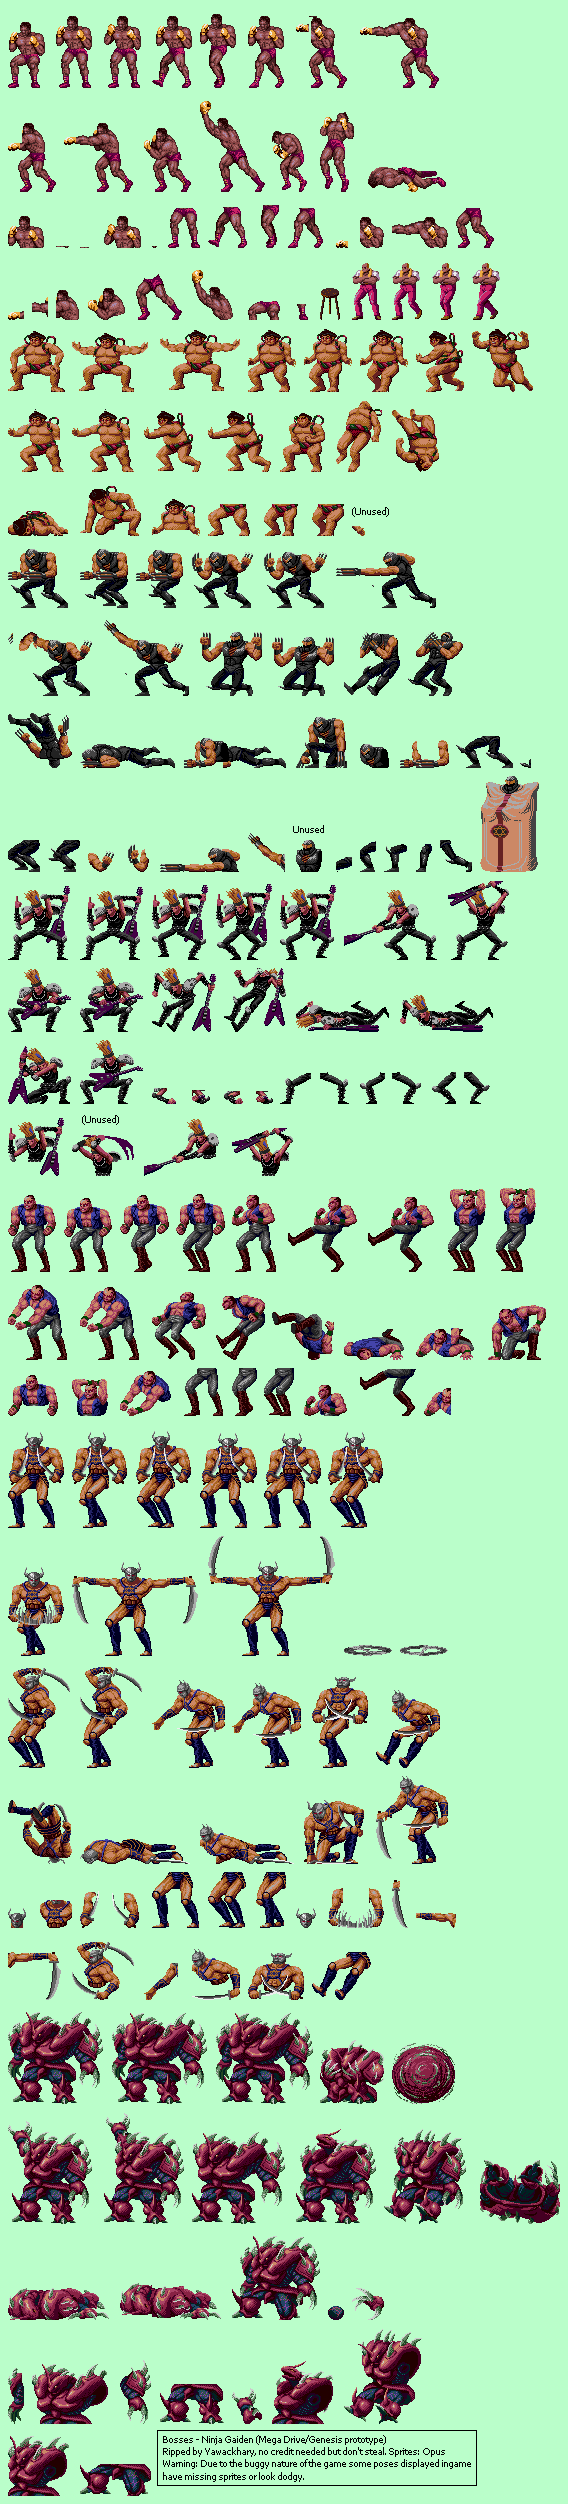 Genesis 32x Scd Ninja Gaiden Prototype Bosses The